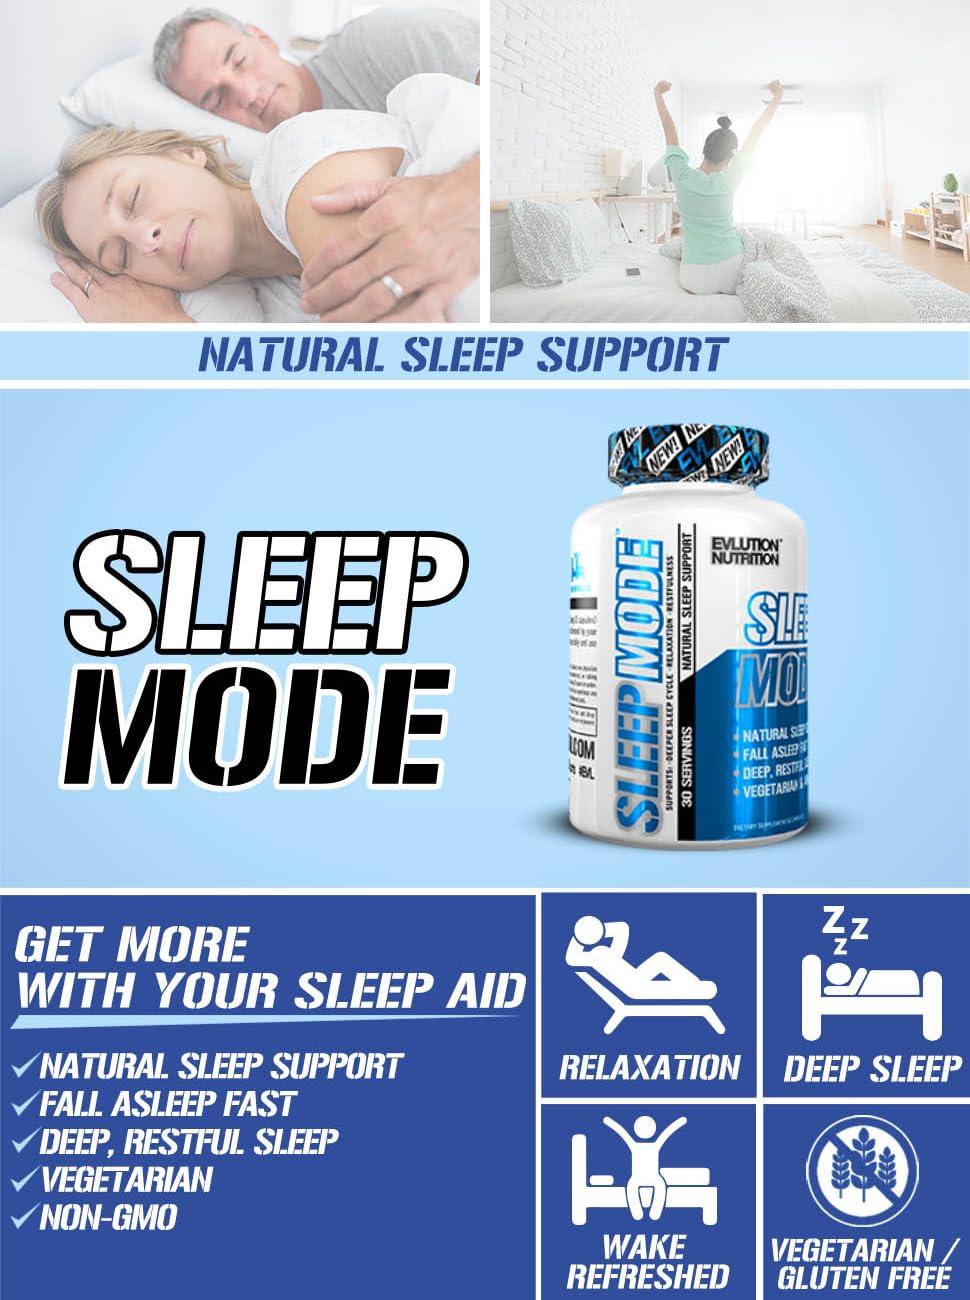 Sleep mode, Sleep aid, Evlution